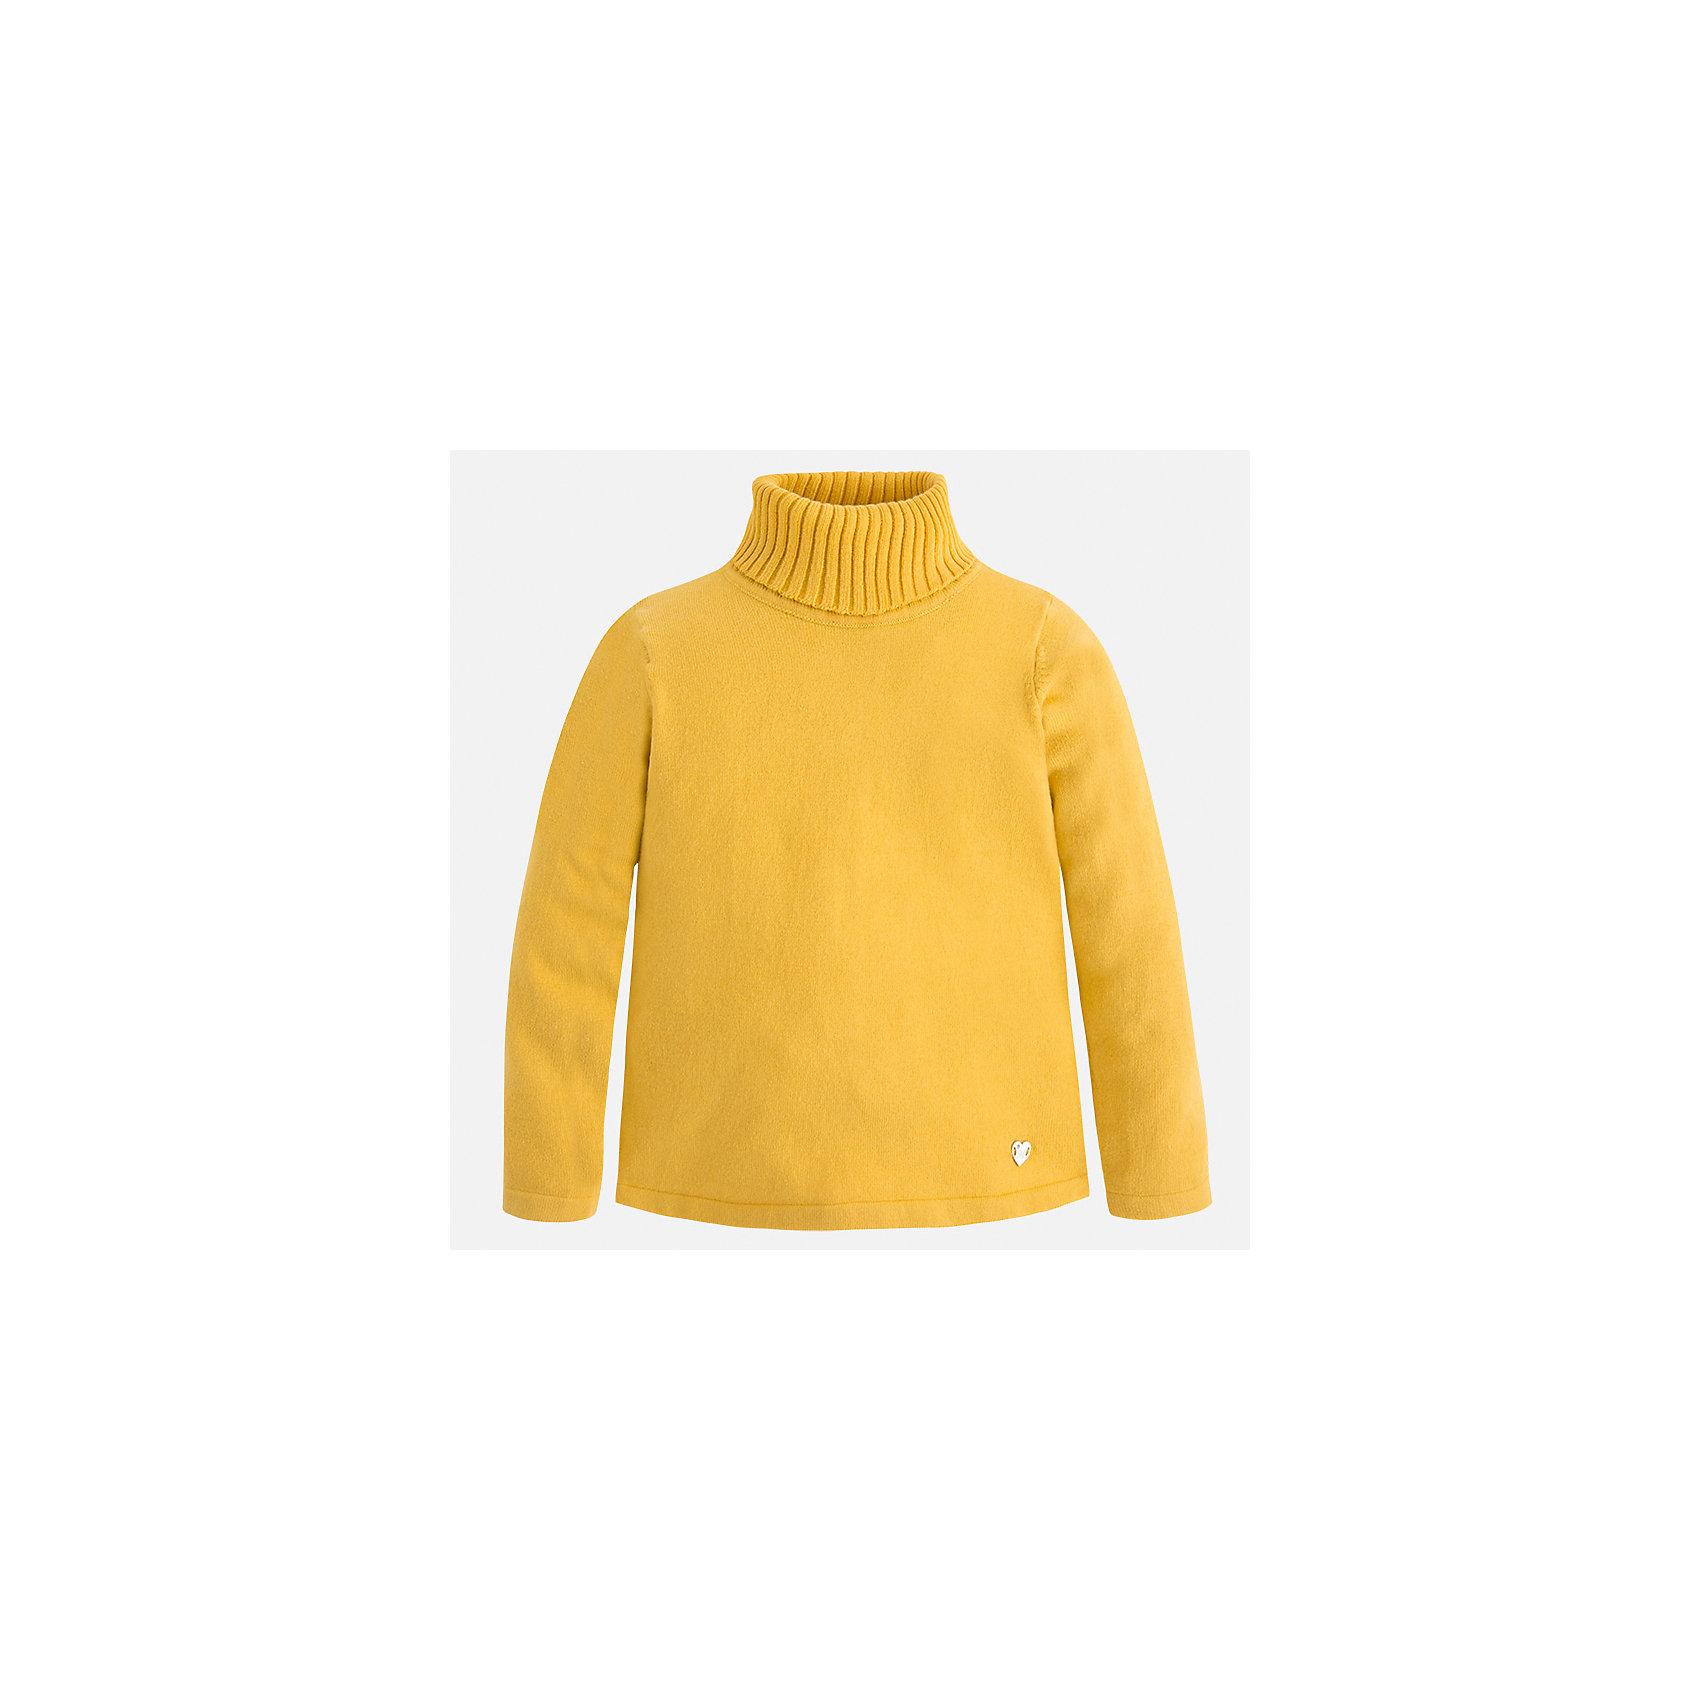 Водолазка Mayoral для девочкиВодолазки<br>Характеристики товара:<br><br>• цвет: желтый<br>• состав ткани: 80% хлопок, 17% полиамид, 3% эластан<br>• сезон: демисезон<br>• особенности: высокий ворот<br>• длинные рукава<br>• страна бренда: Испания<br>• страна изготовитель: Индия<br><br>Этот свитер для девочки Mayoral удобно сидит по фигуре. Стильный детский свитер сделан из приятного на ощупь материала. Отличный способ обеспечить ребенку комфорт и аккуратный внешний вид - надеть детский свитер от Mayoral. <br><br>Свитер для девочки Mayoral (Майорал) можно купить в нашем интернет-магазине.<br><br>Ширина мм: 190<br>Глубина мм: 74<br>Высота мм: 229<br>Вес г: 236<br>Цвет: желтый<br>Возраст от месяцев: 96<br>Возраст до месяцев: 108<br>Пол: Женский<br>Возраст: Детский<br>Размер: 134,104,110,116,122,128<br>SKU: 6919901